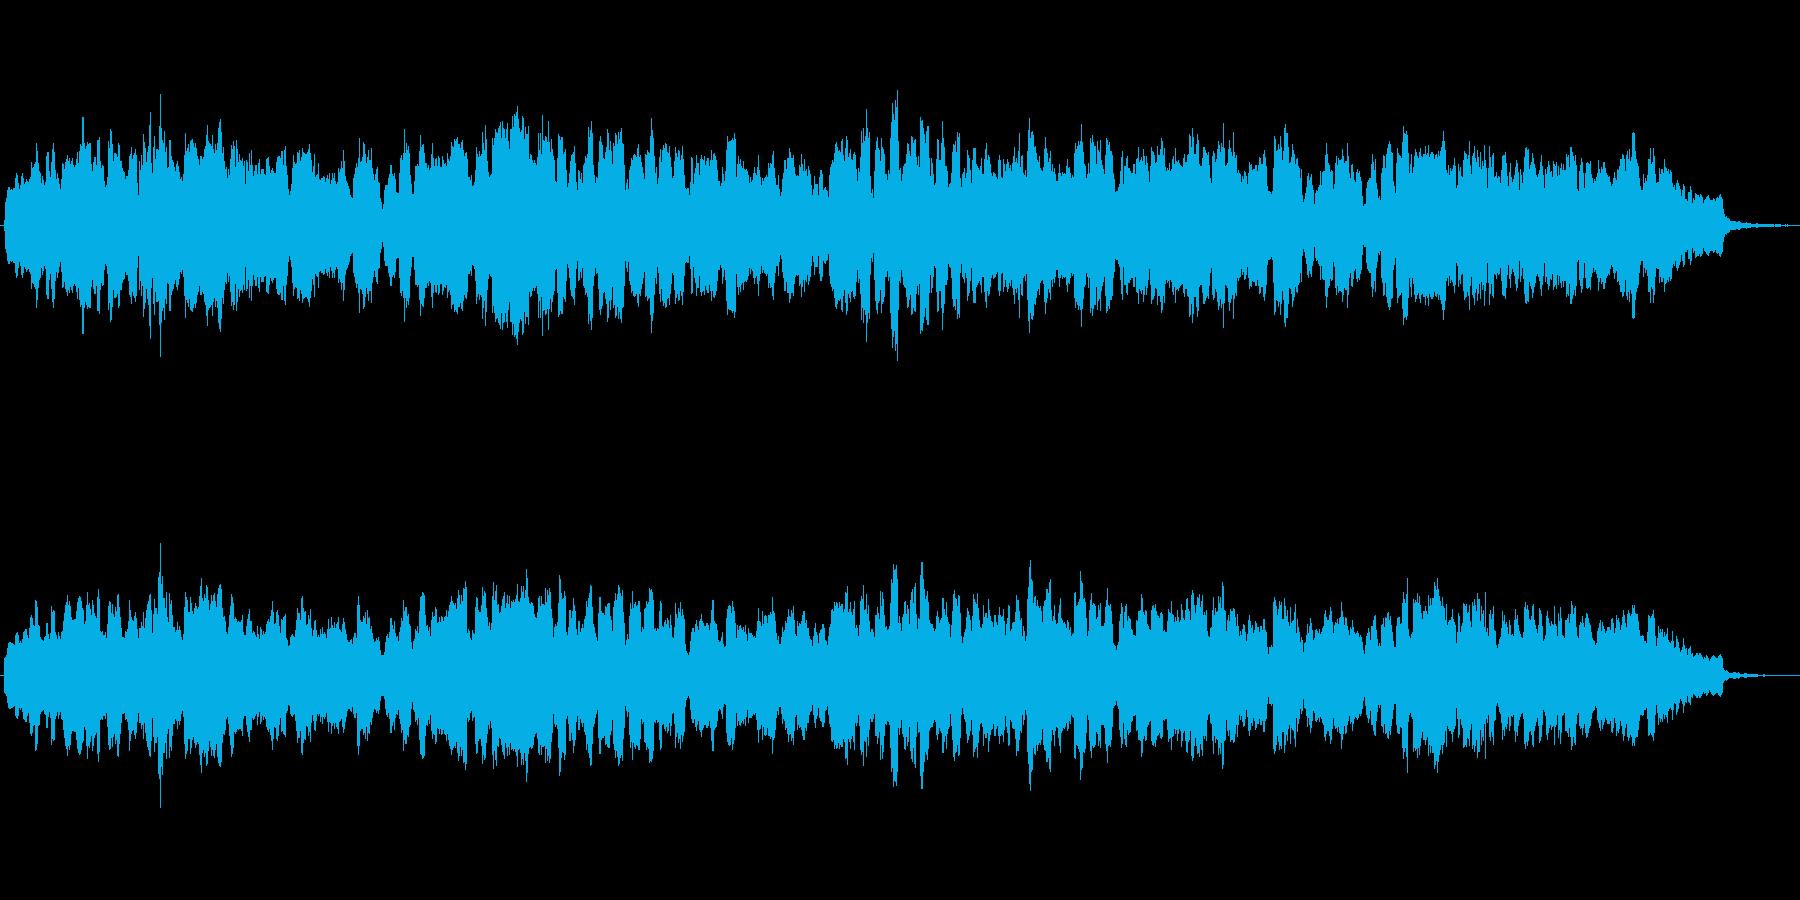 バスクラリネットとシンセのジングル2の再生済みの波形